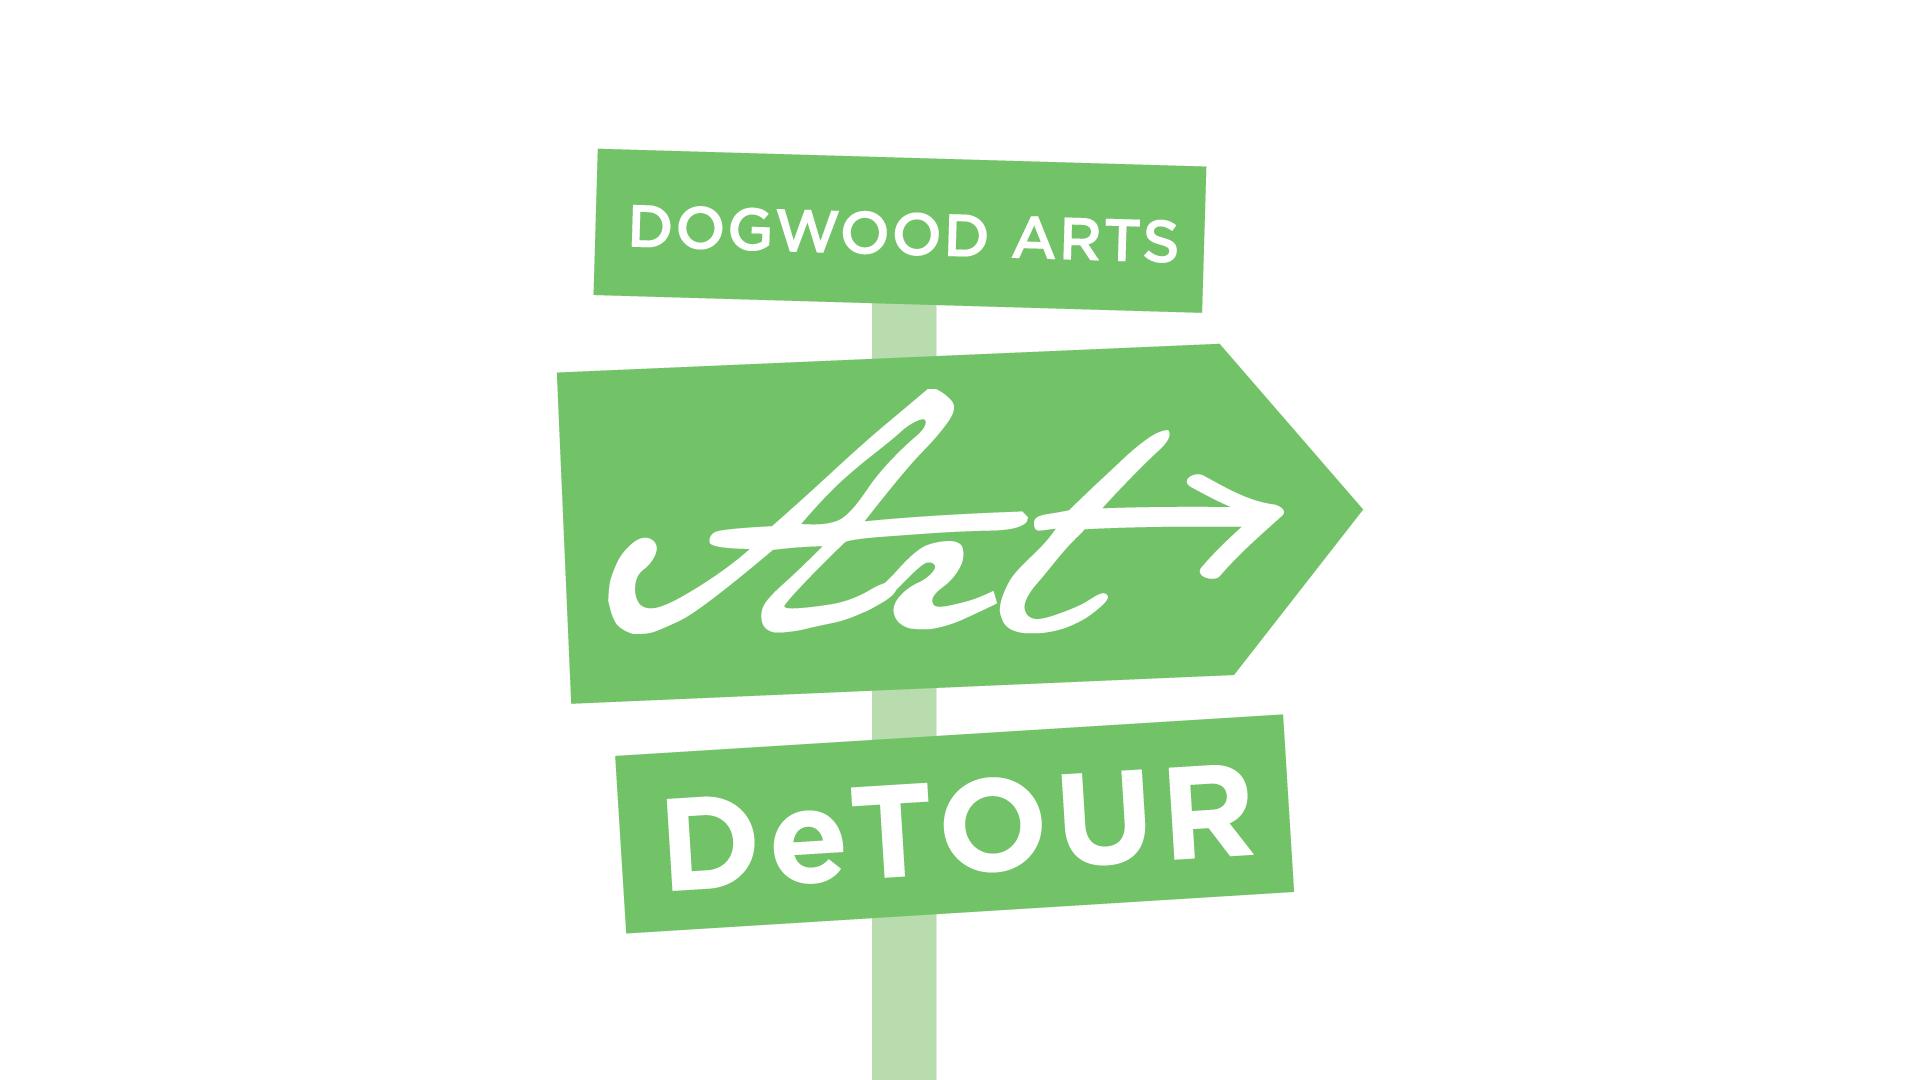 Dogwood Arts - Art DeTour logo